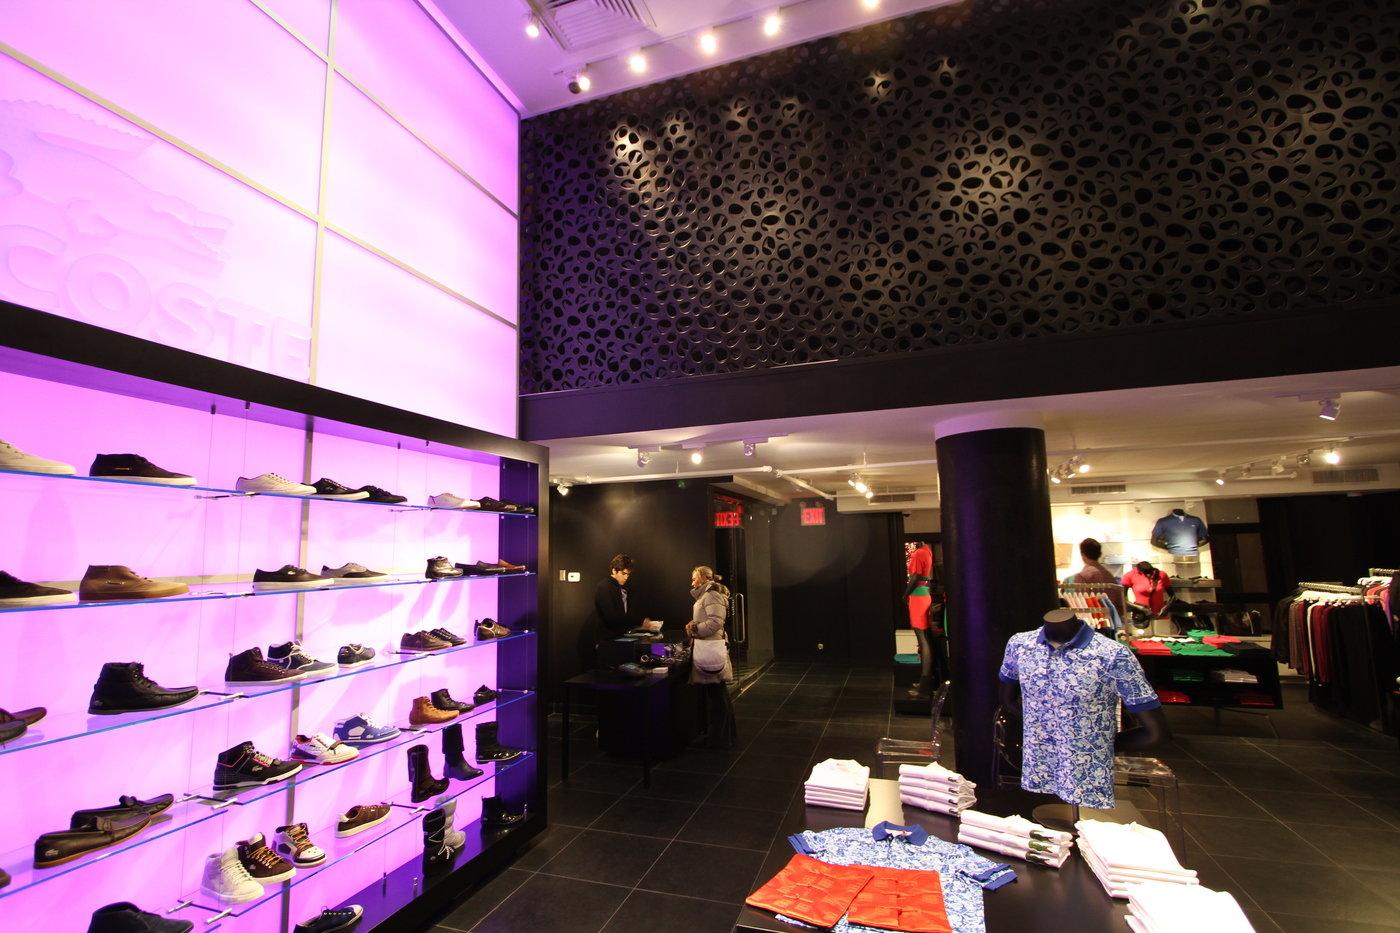 By Silverman Chris Park Lacoste Hotel Ave Shoe Wall Gansevoort F1JTlKc3